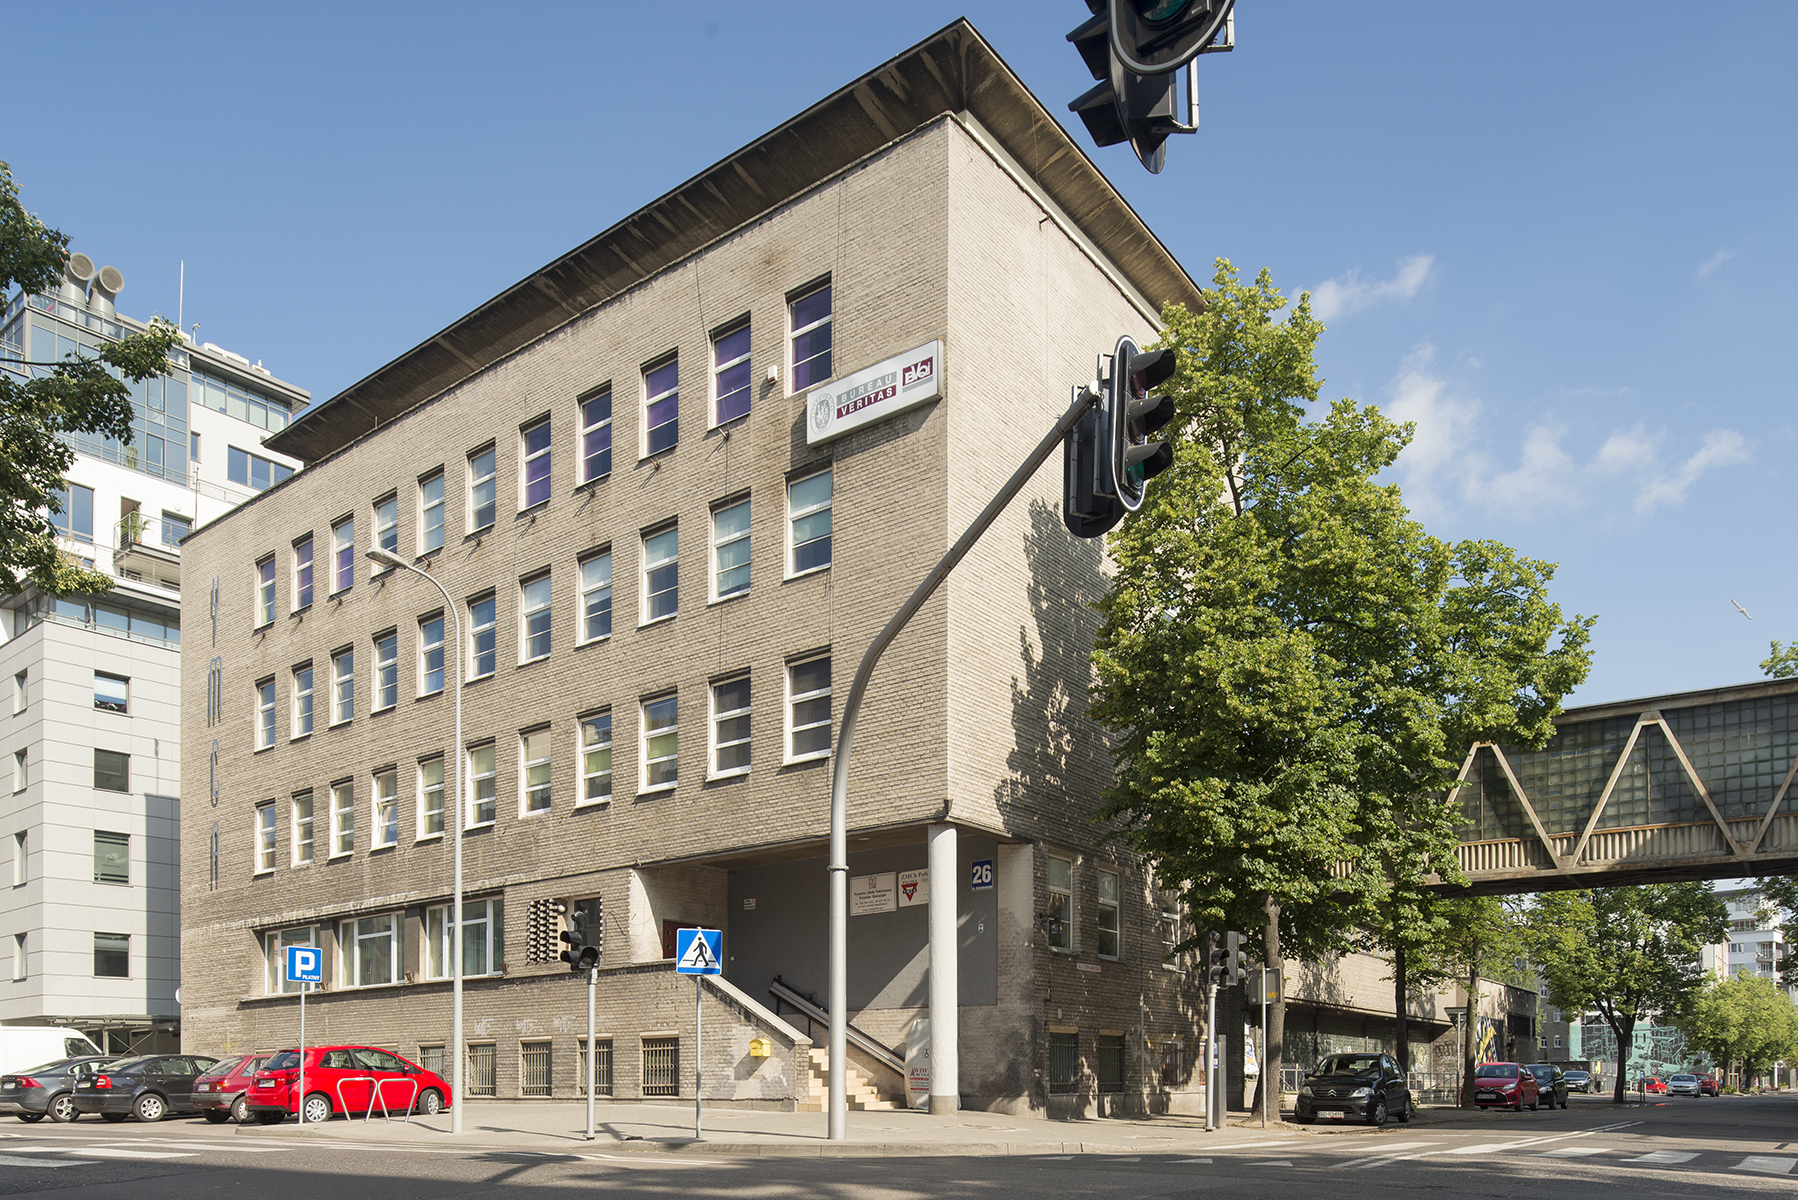 Na zdjęciu budynek YMCA przy ul. Żeromskiego 26. Elewacja jest wykończona szarymi cegłami cementowymi